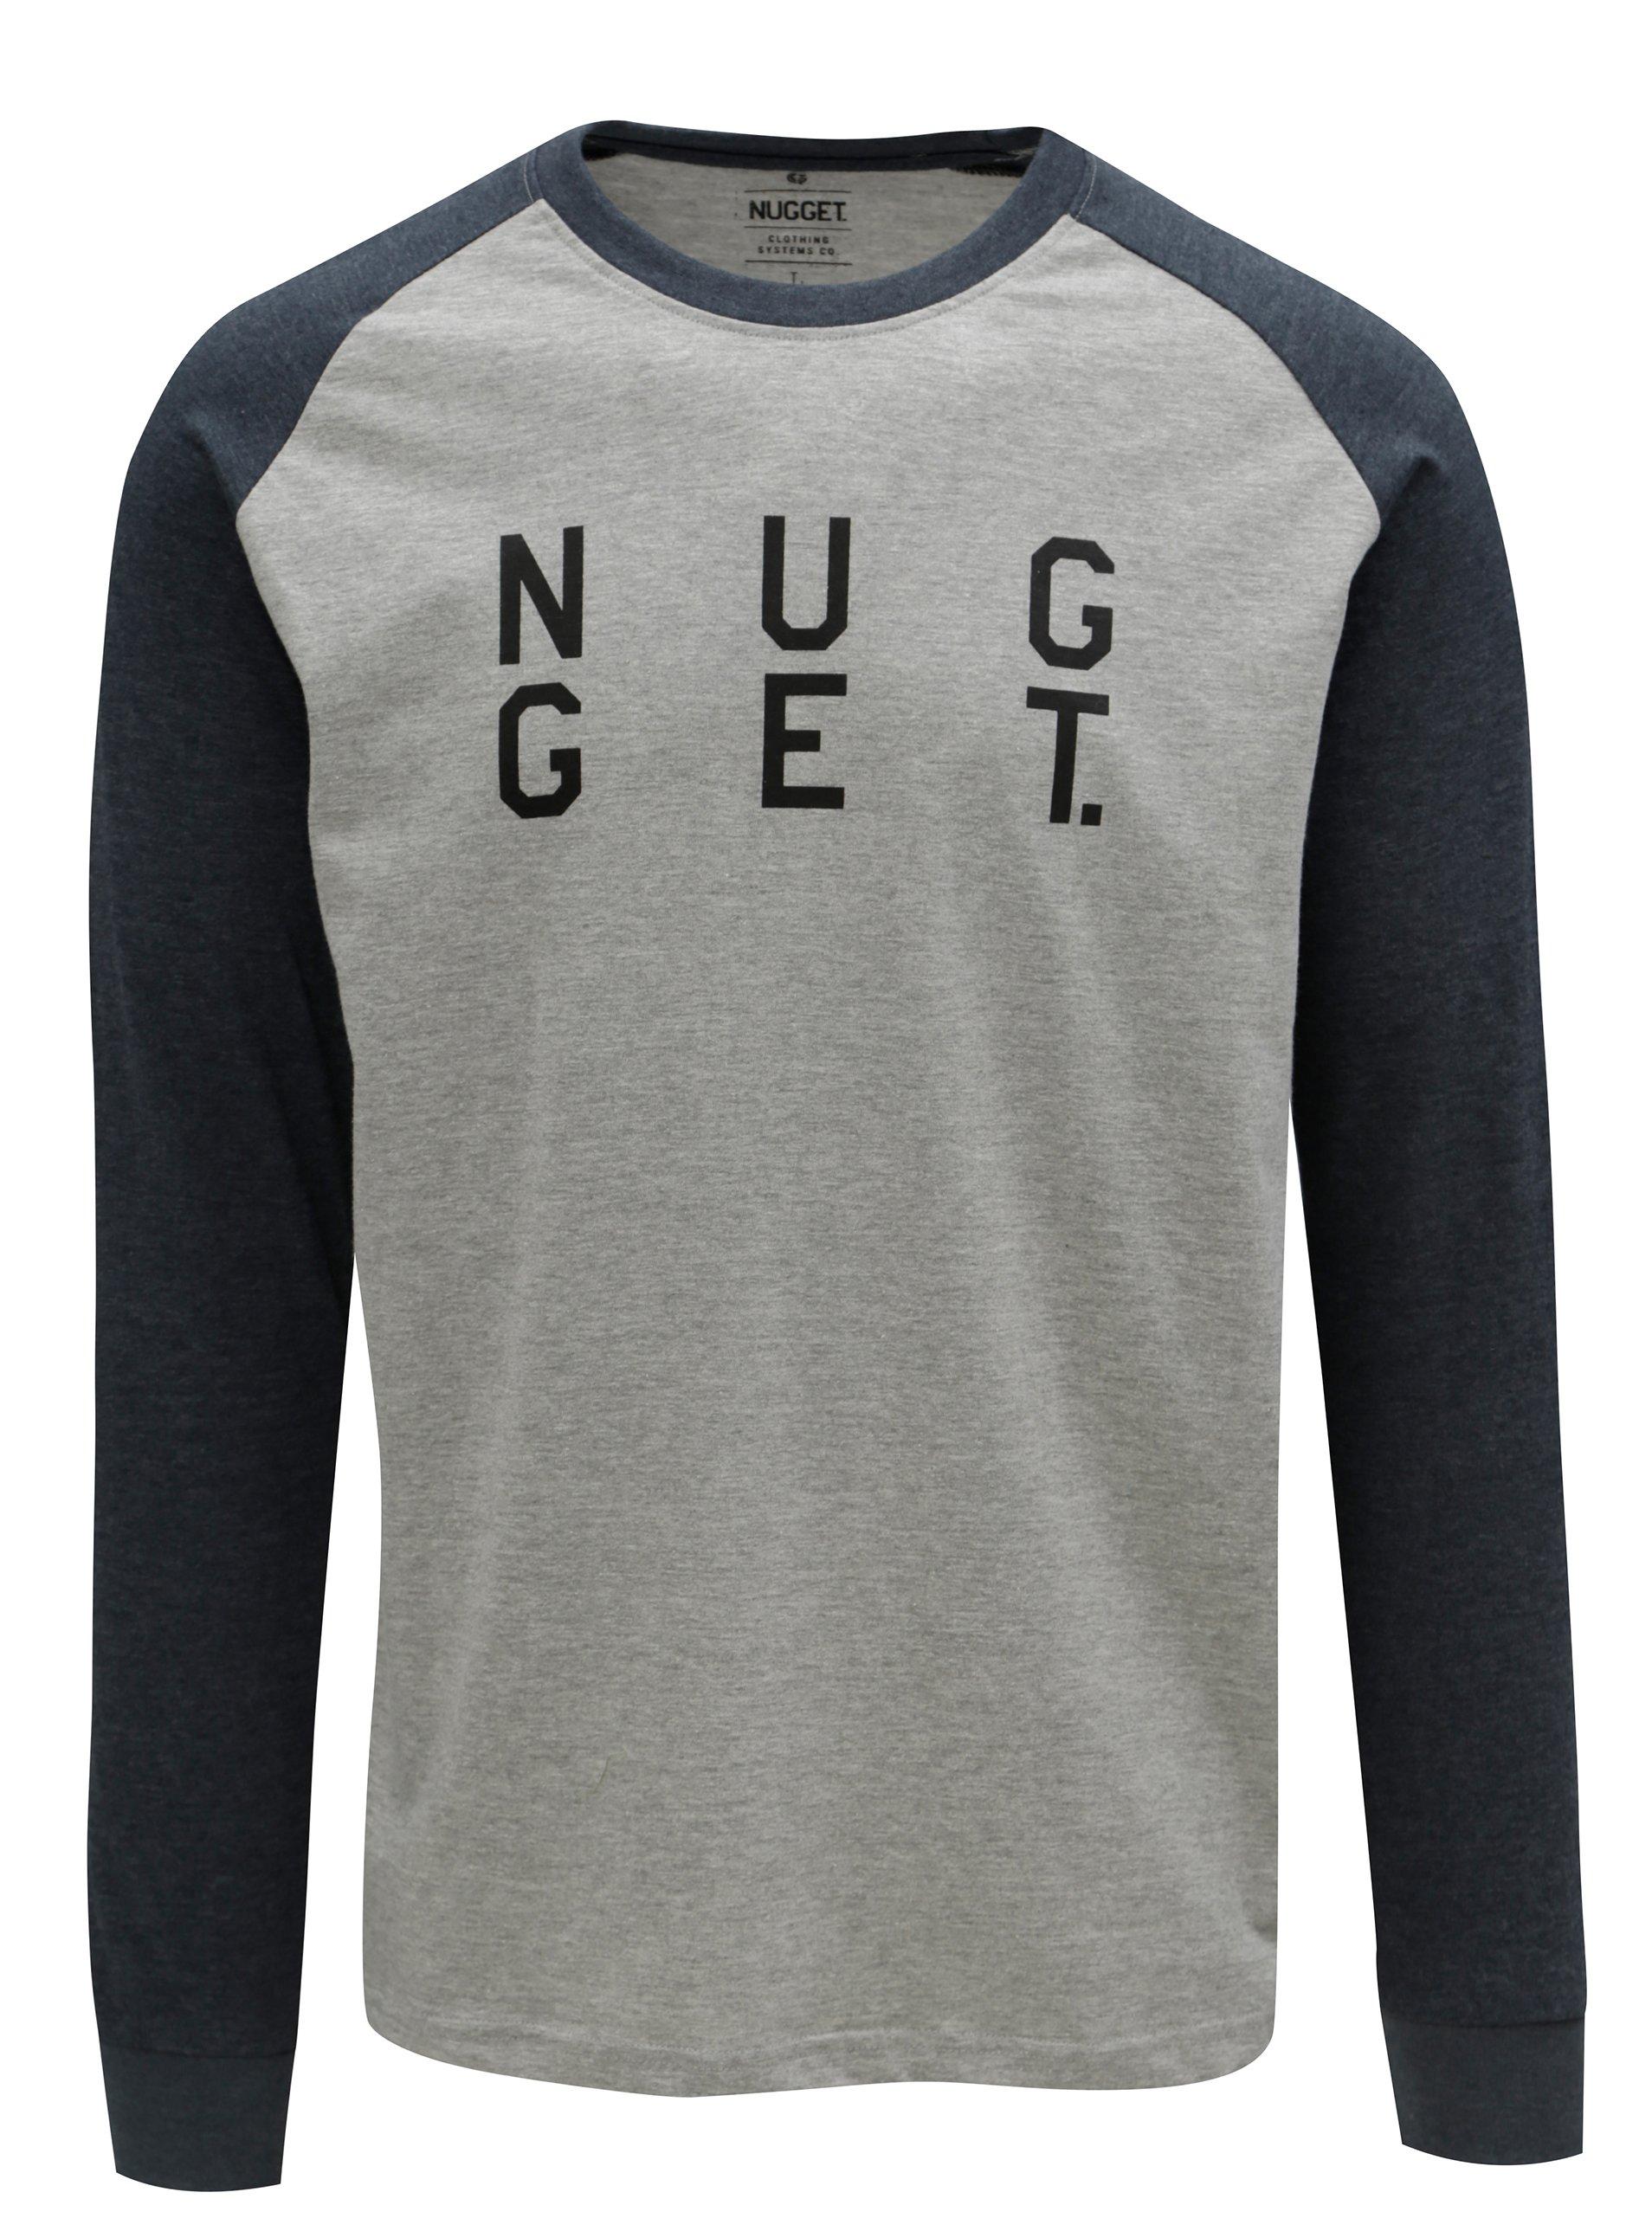 a1c6abeb5a64 Modro-sivé pánske tričko s potlačou NUGGET Complex